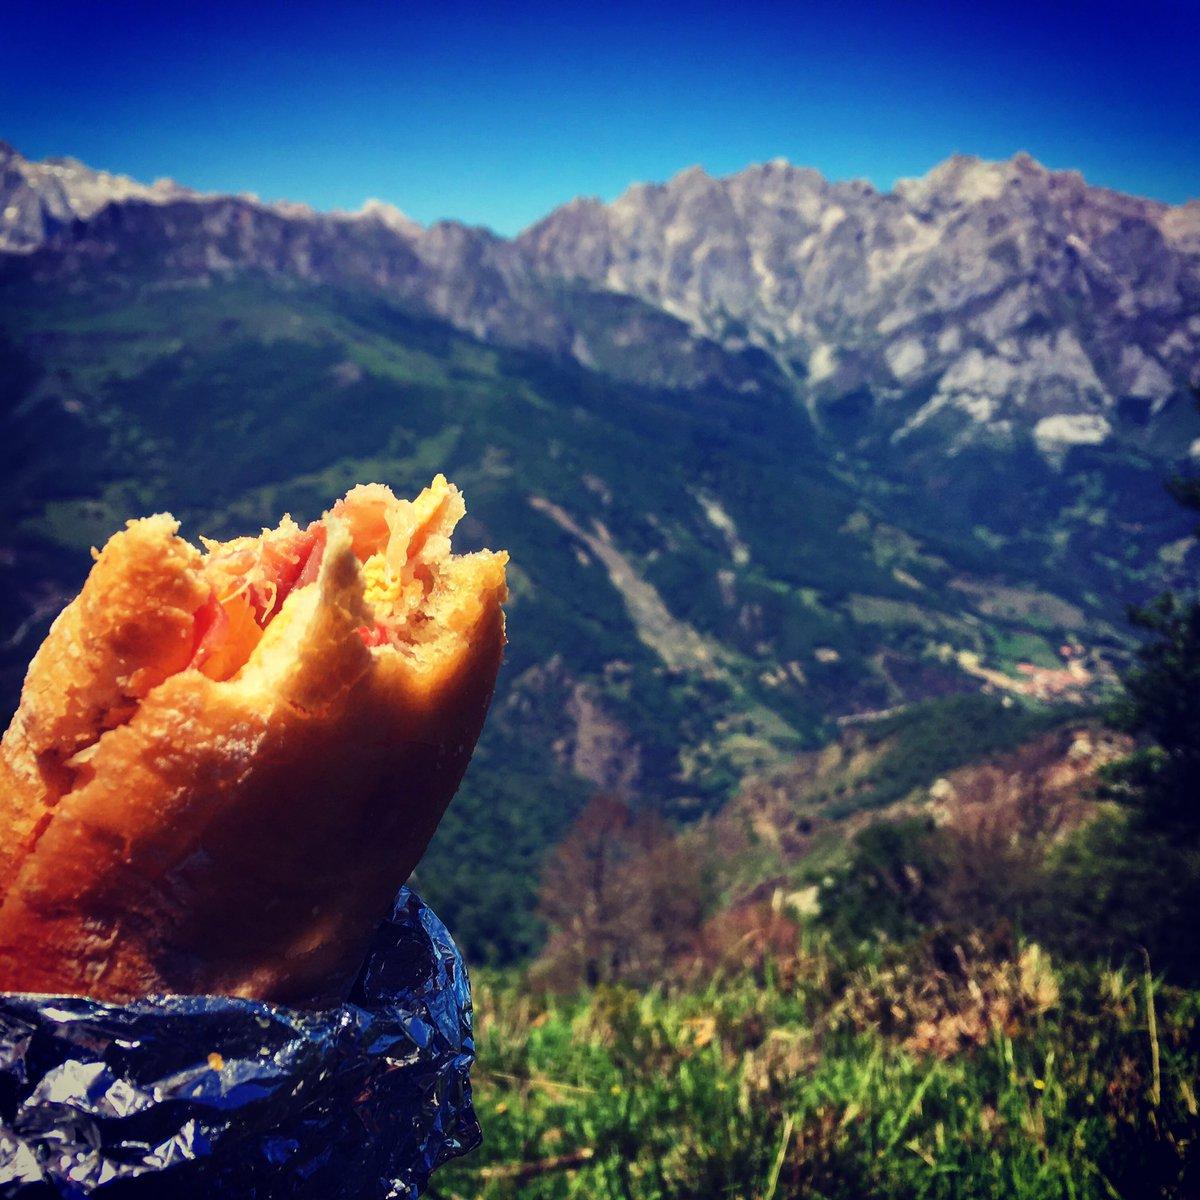 The perfect pic-nic spot: at 1446m Pico de Jano, #picosdeeuropa #spain @Pura_Aventura<br>http://pic.twitter.com/DPn7t3Z35L